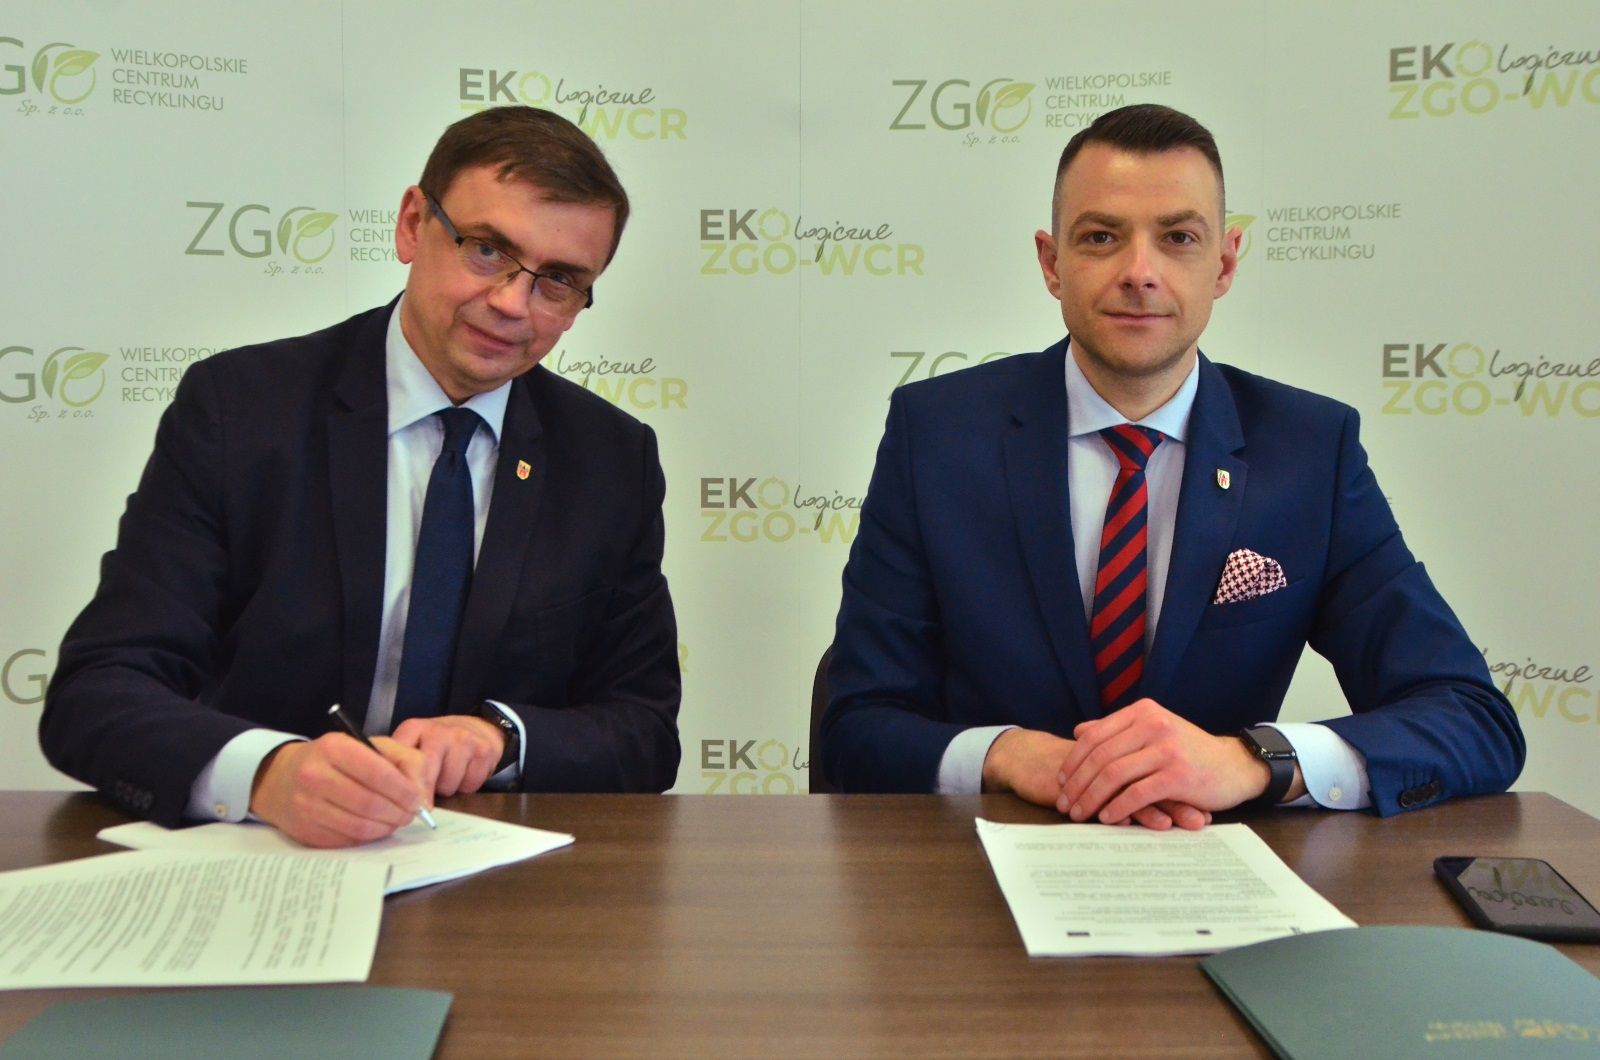 Wielkopolskie Centrum Recyklingu inwestuje 100 milionów zł - Zdjęcie główne